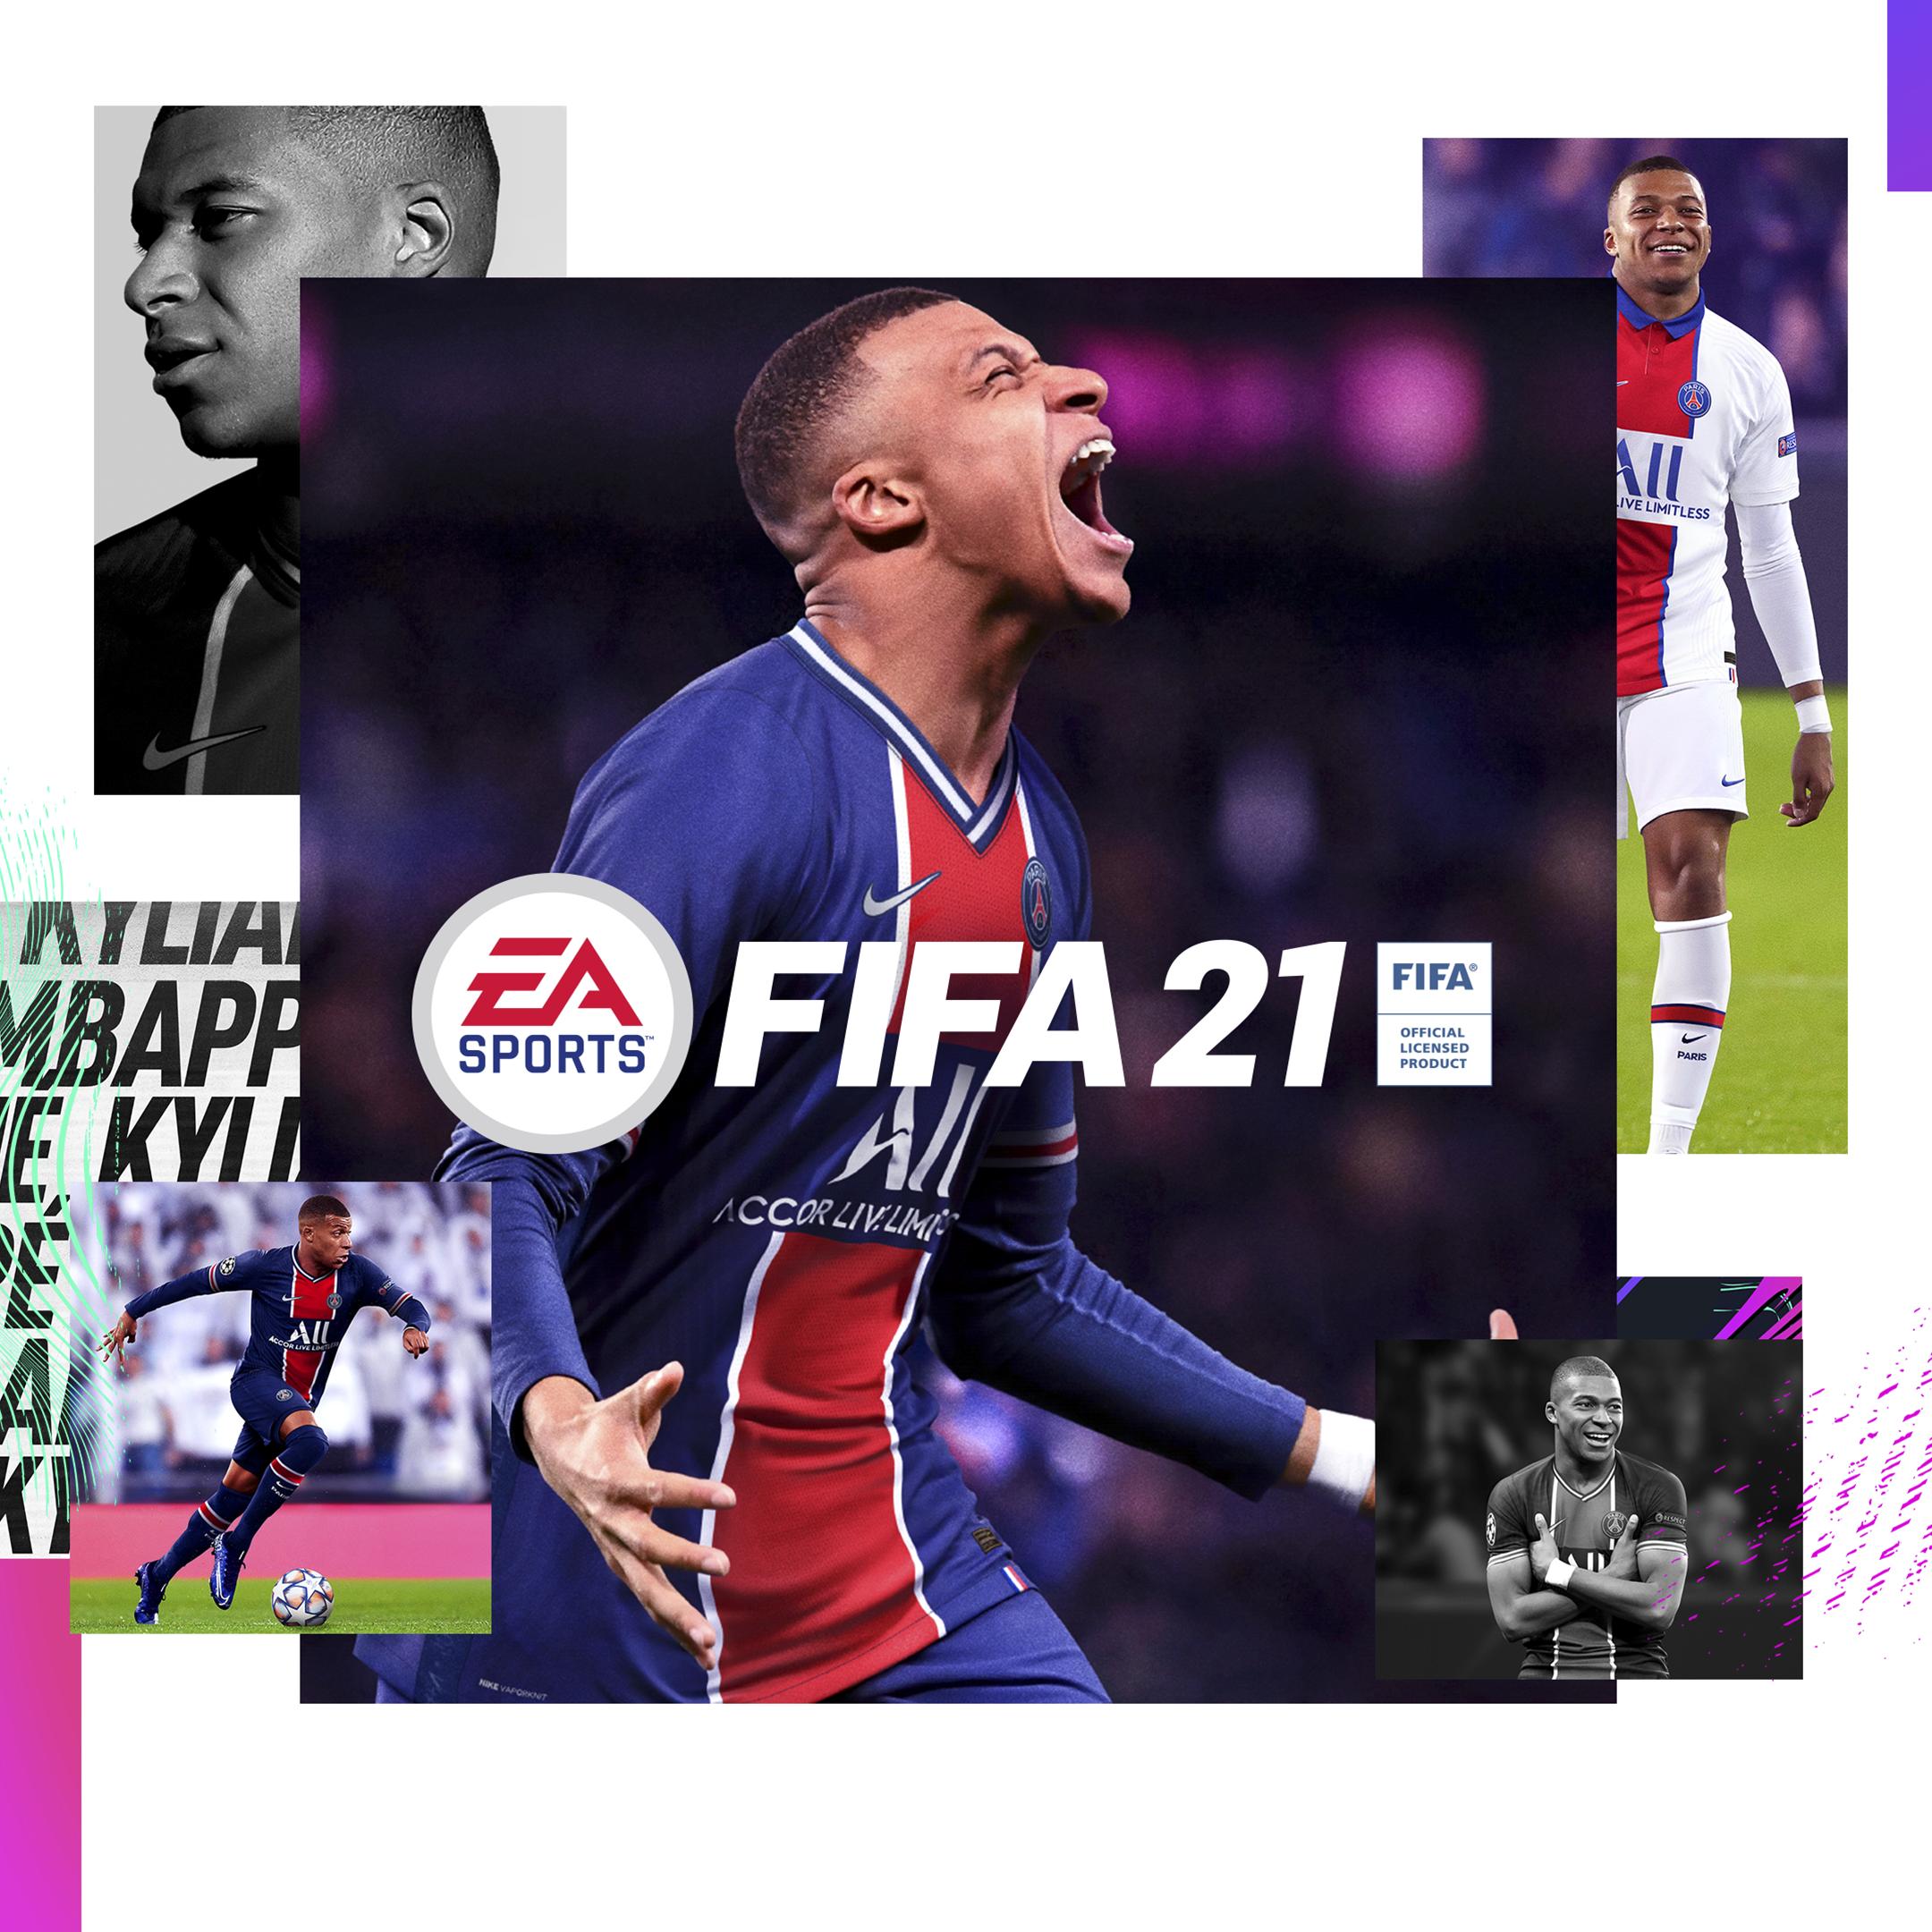 EA Sports FIFA 21 thumbnail